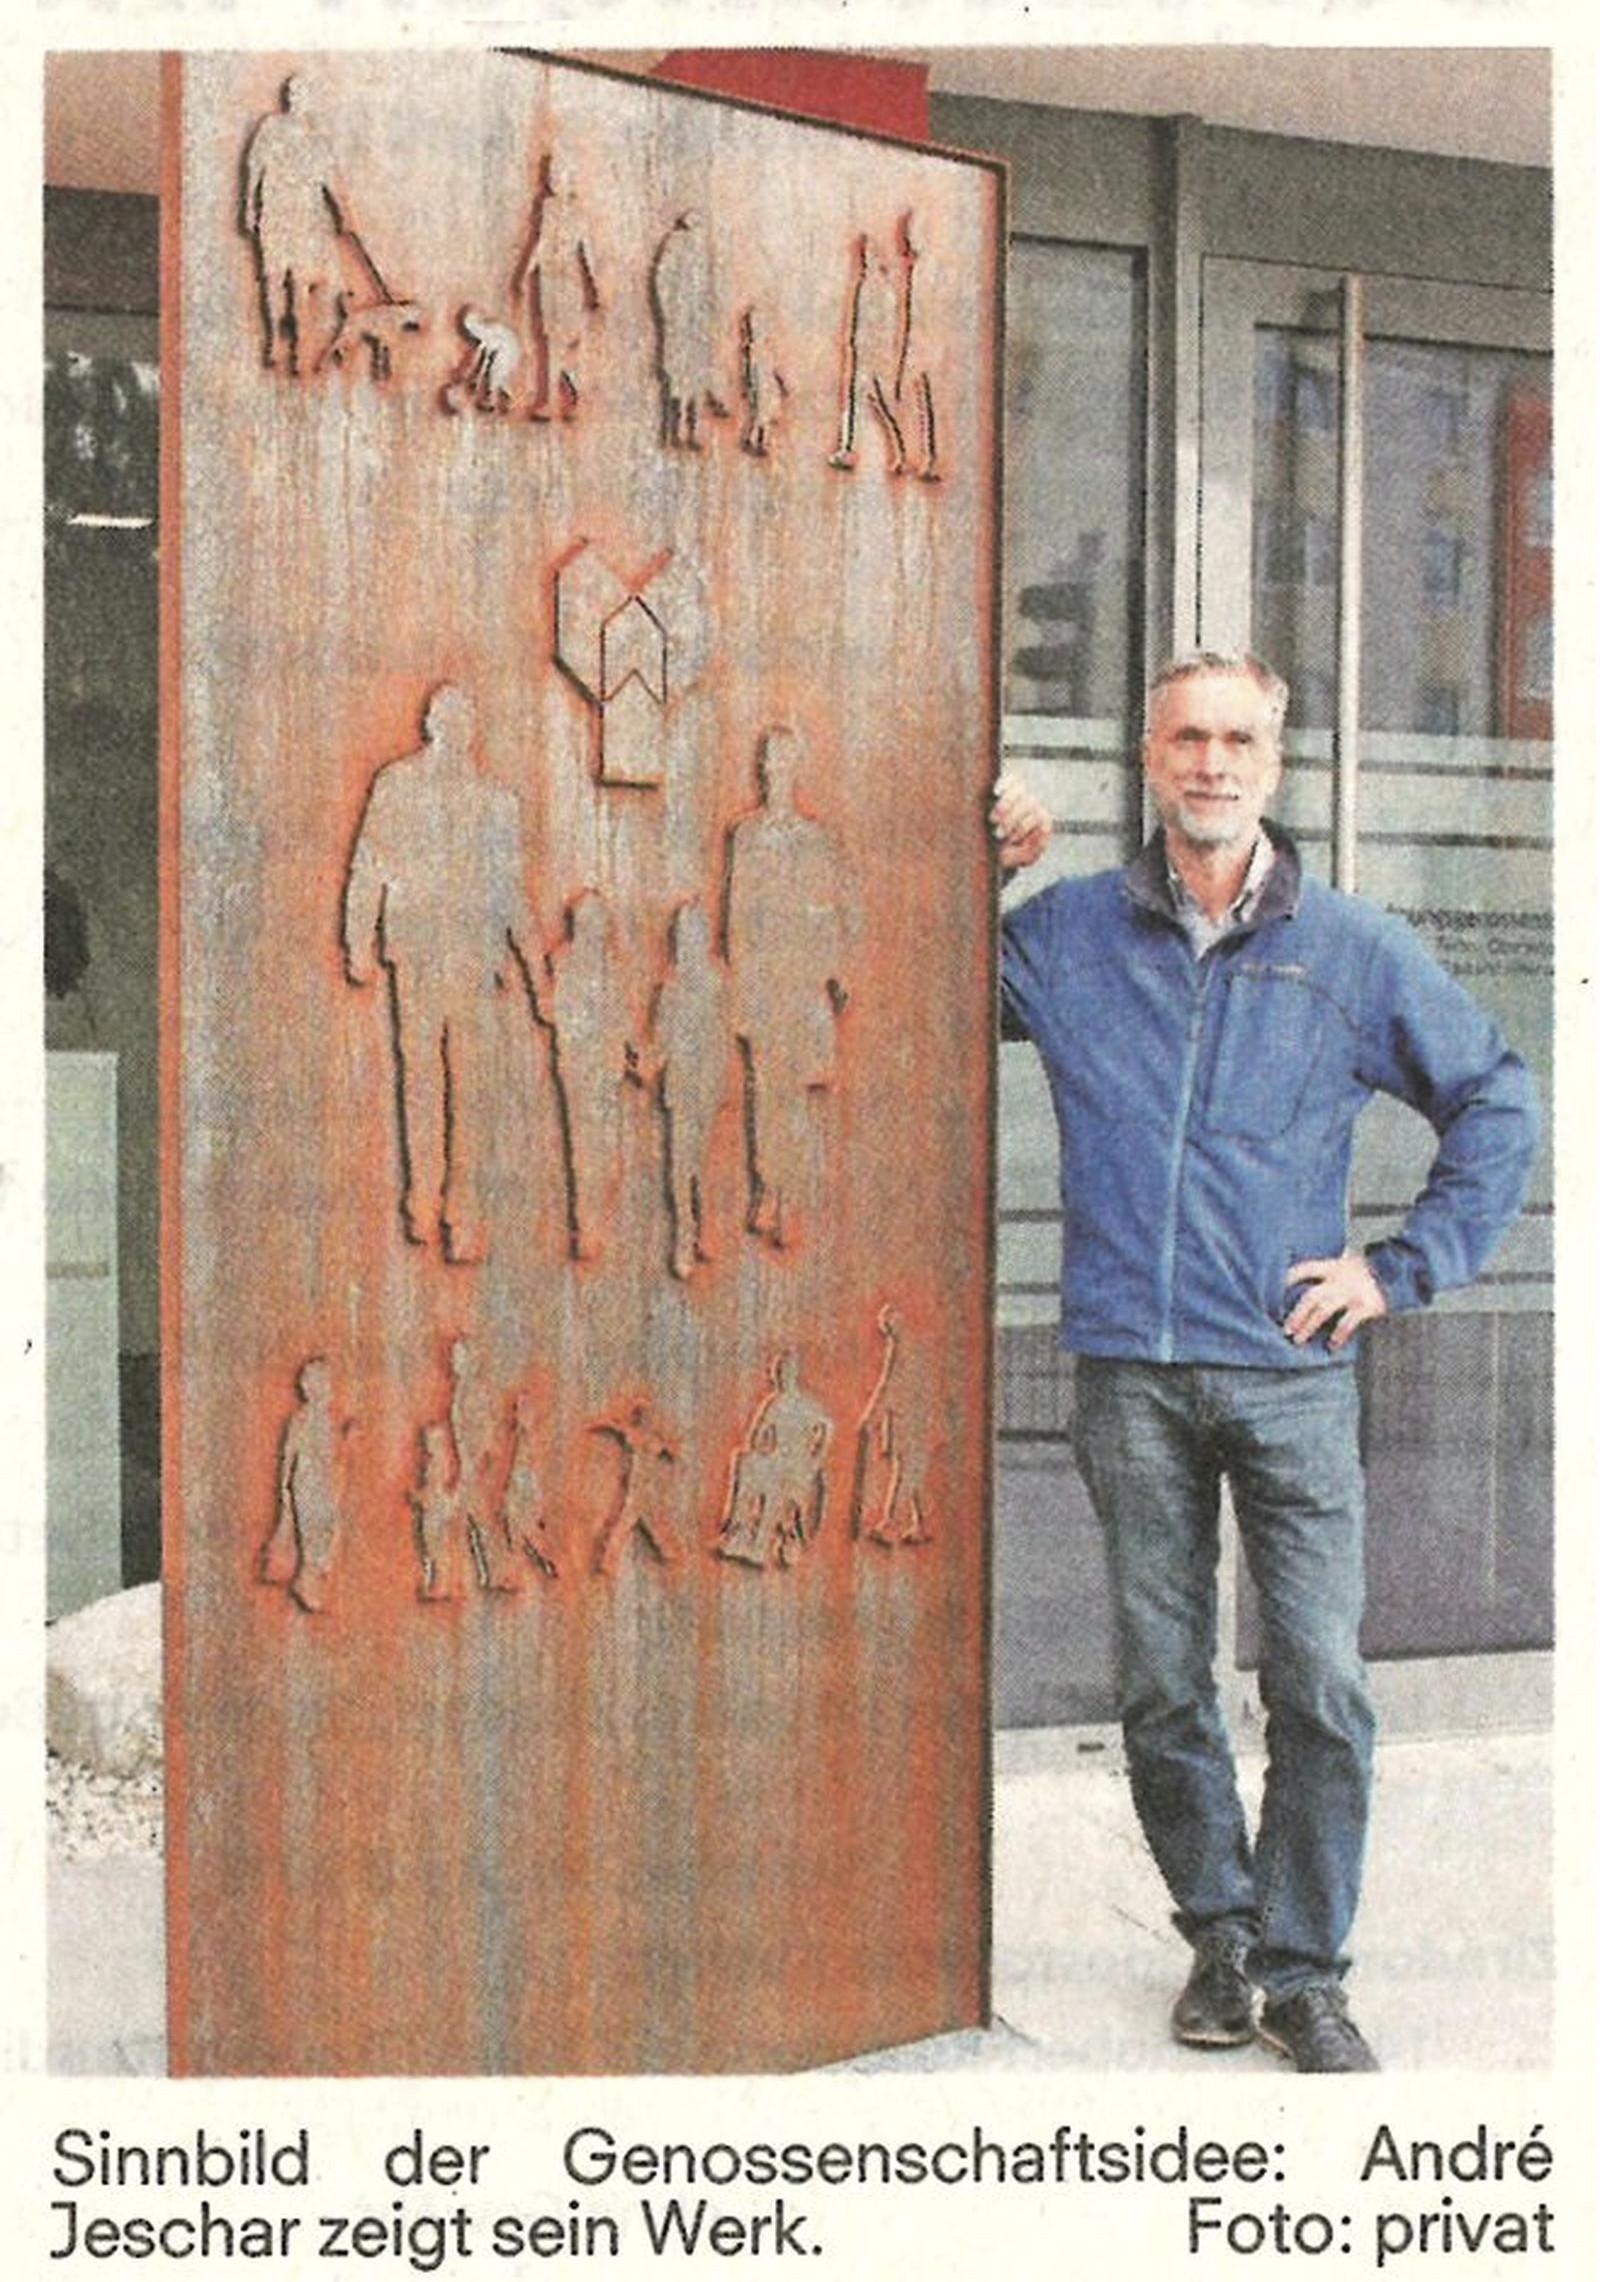 Bildhauer André Jeschar beauftragt …